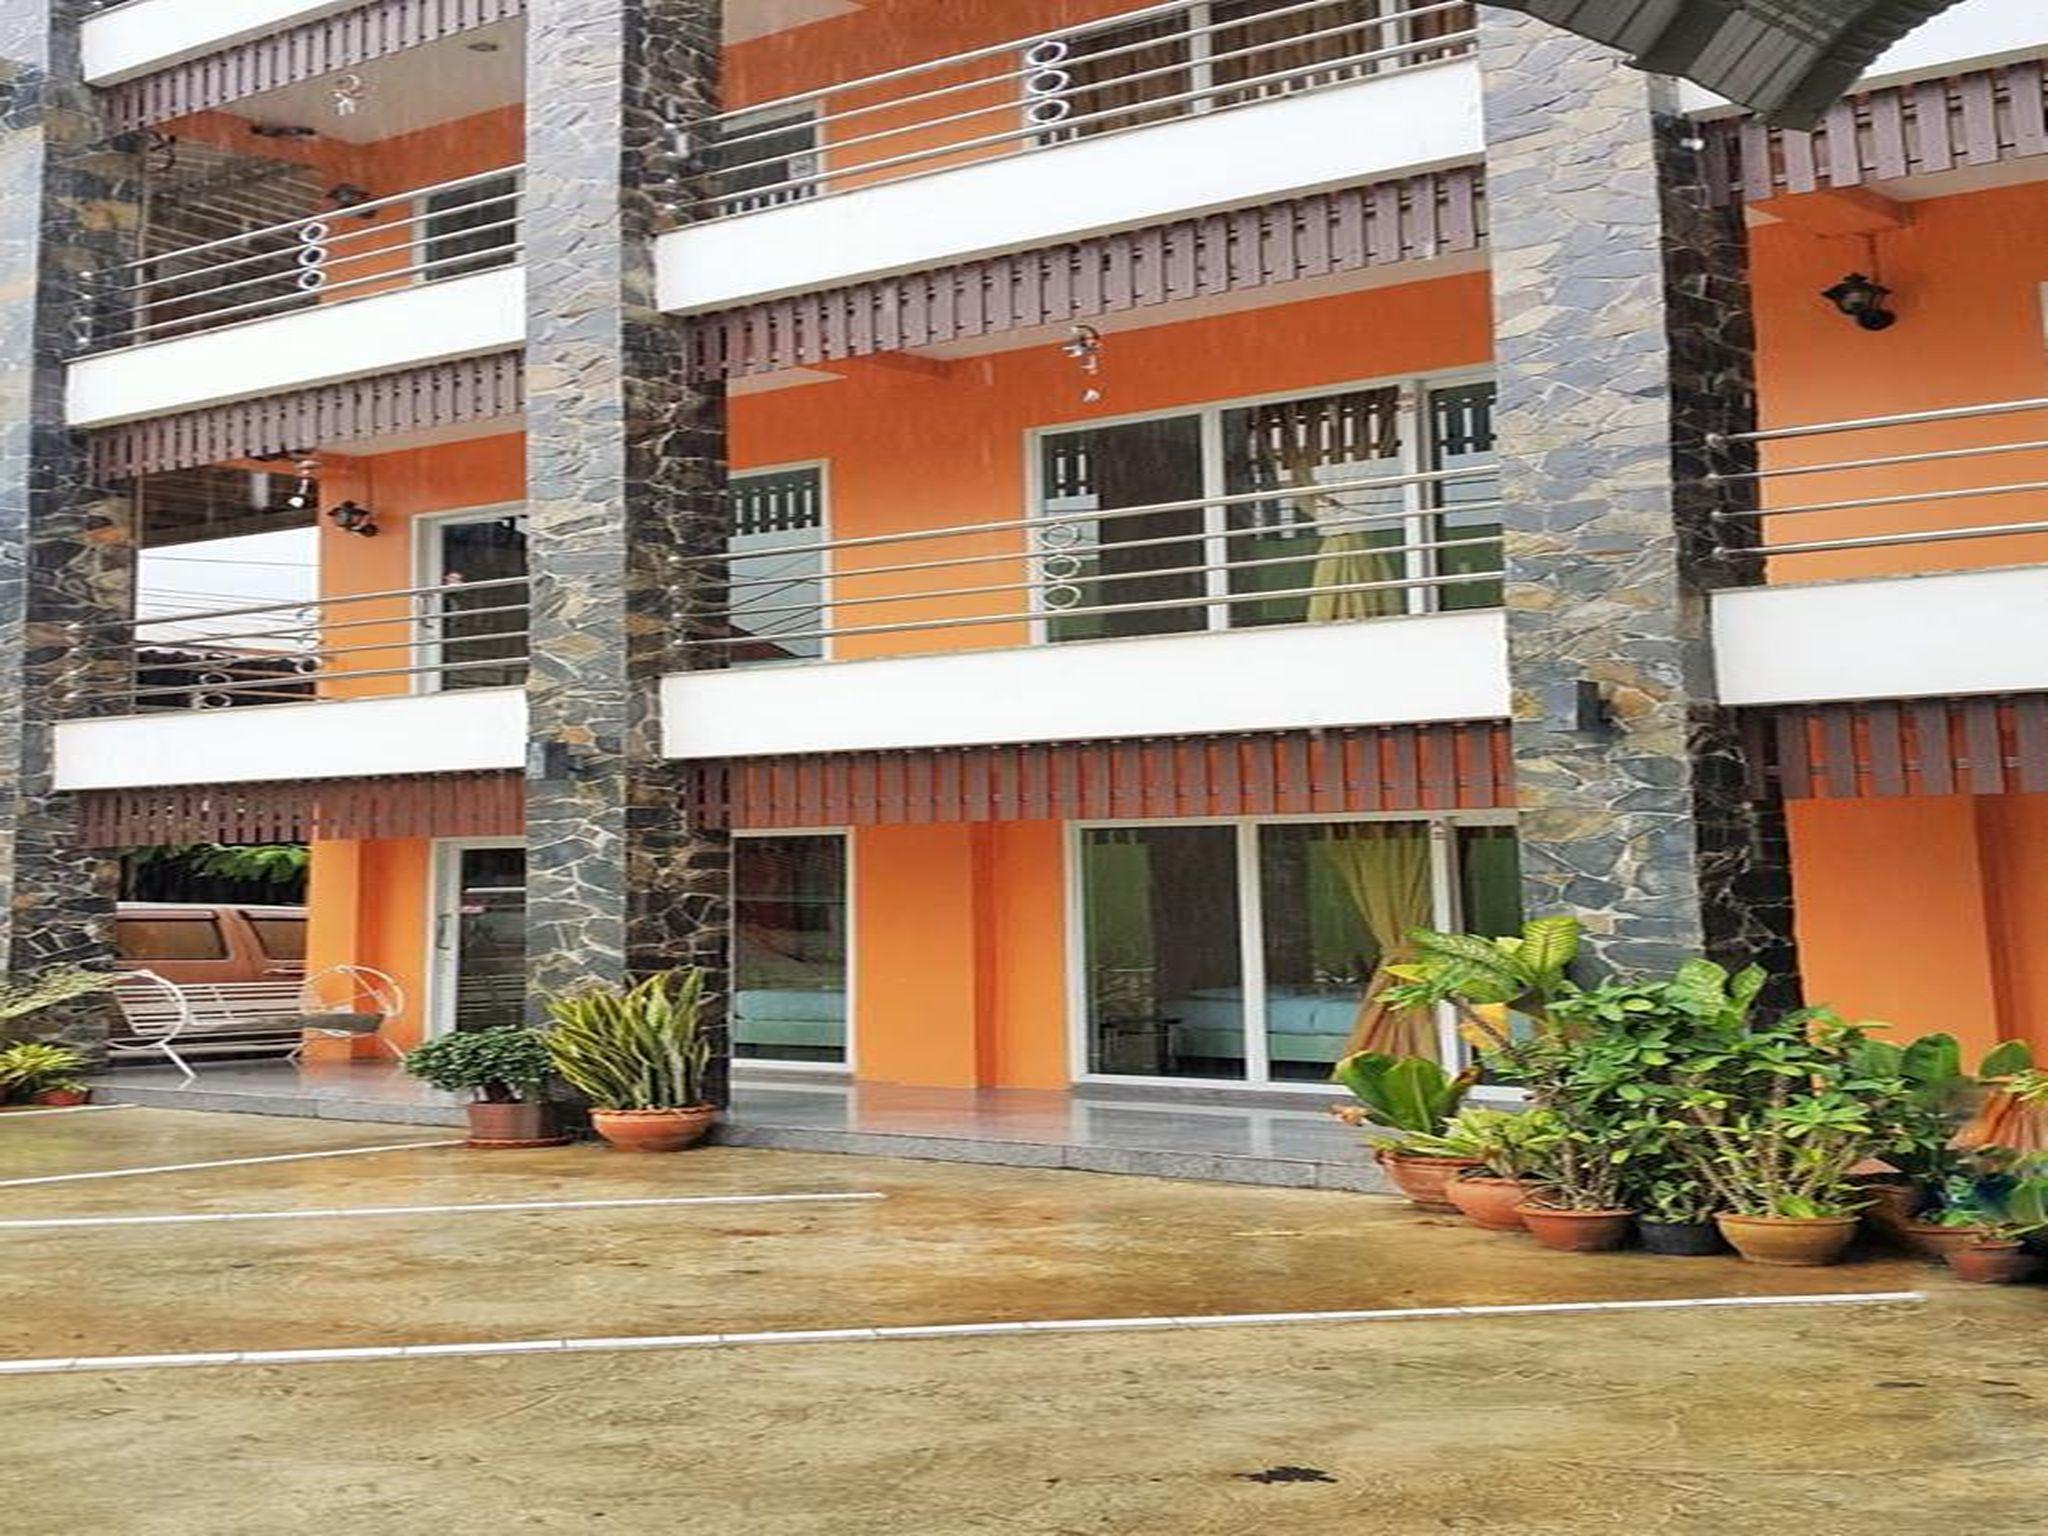 B&B Hotel, Muang Ranong